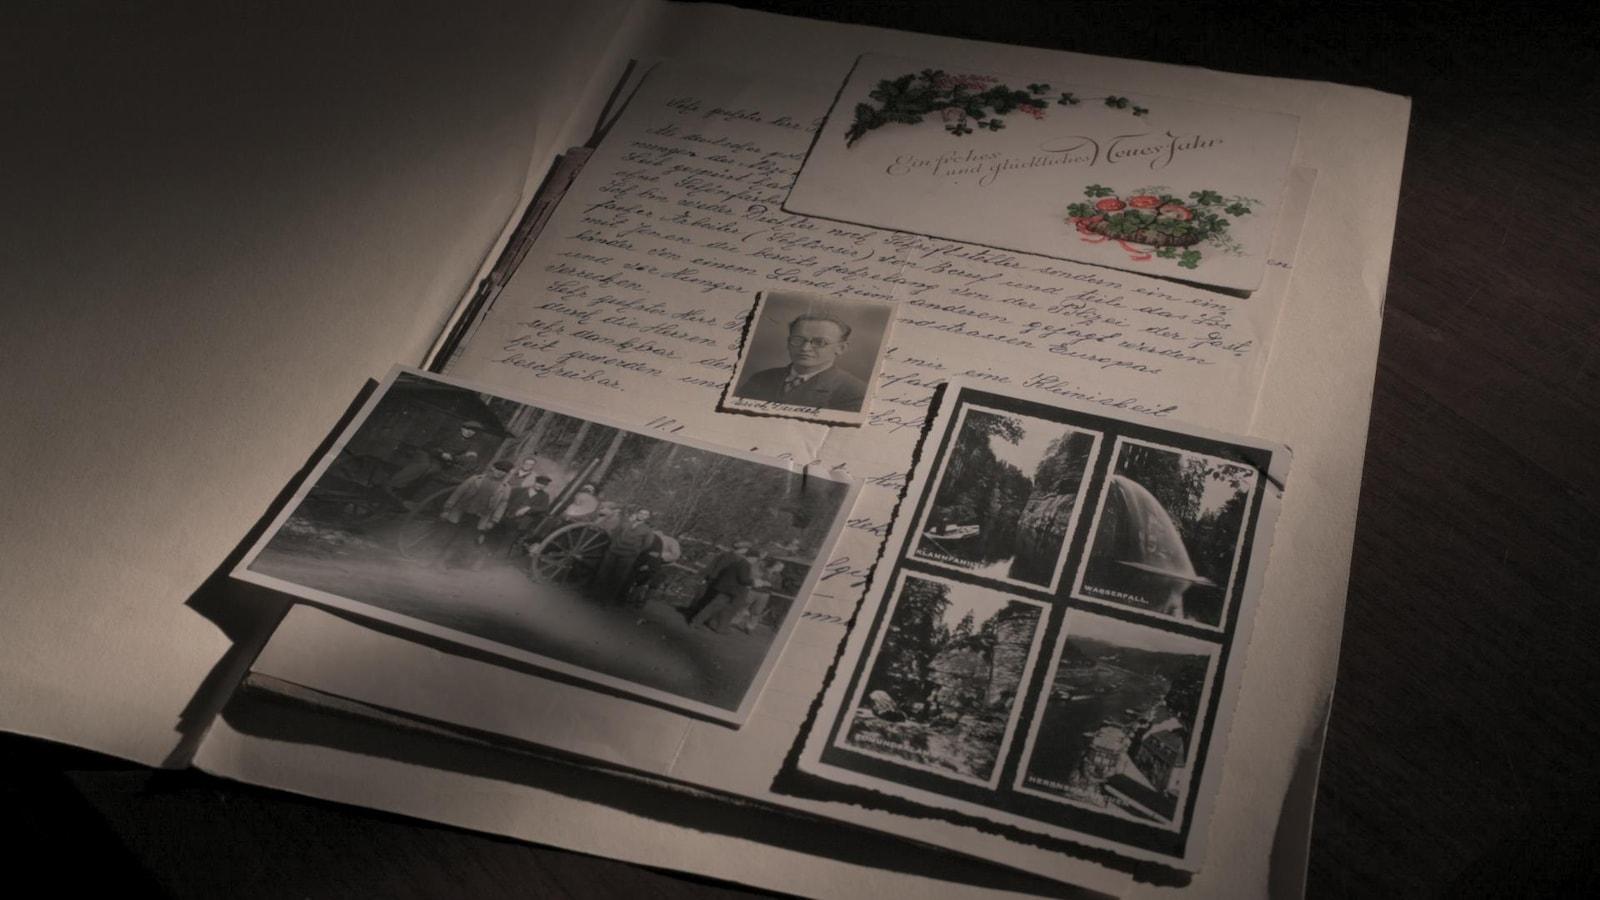 Dans un album de type scrapbook, on retrouve une lettre, une enveloppe et de vieilles photos de l'époque de la Deuxième Guerre.